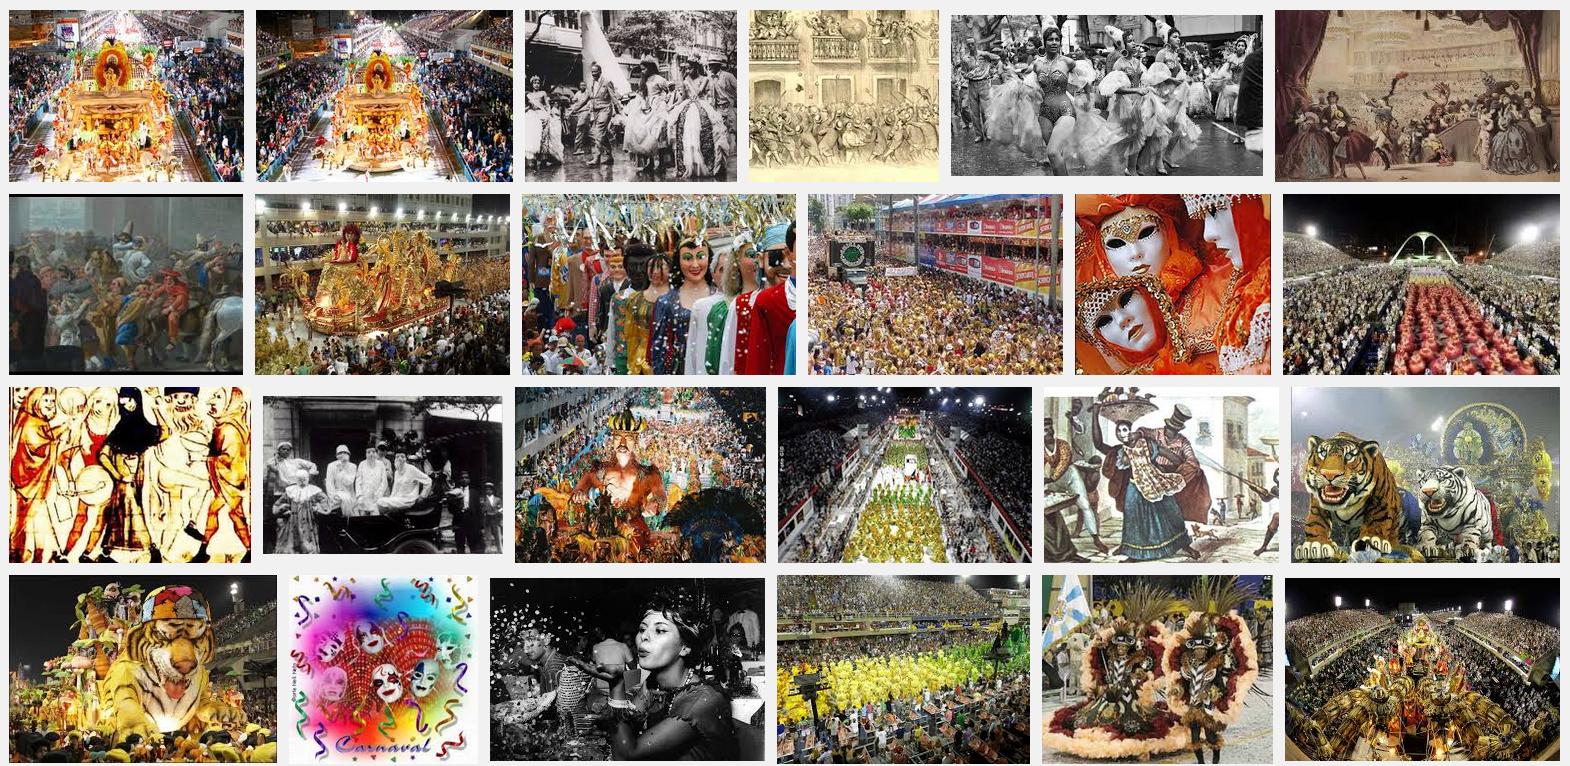 #História do Carnaval no Brasil e no Mundo